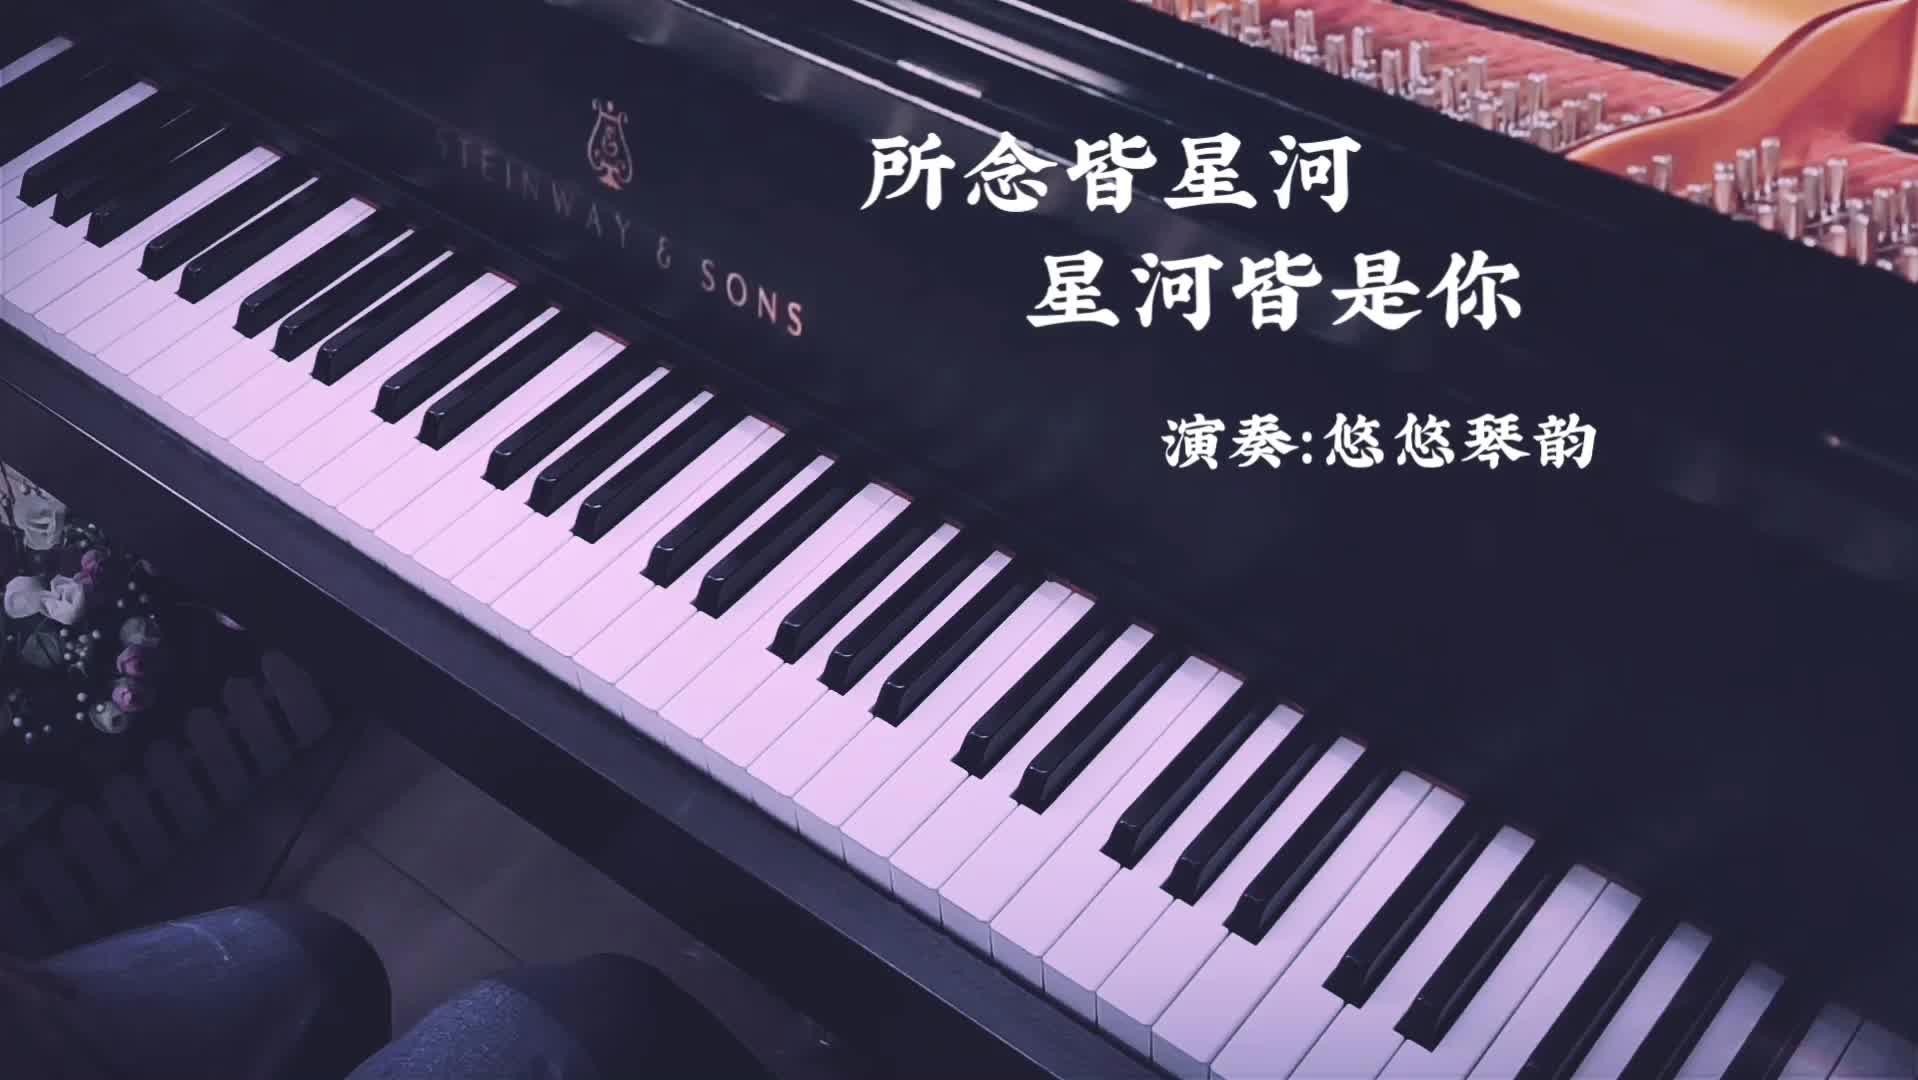 【钢琴】所念皆星河,星河皆是你_哔哩哔哩 (゜-゜)つロ 干杯~-bilibili